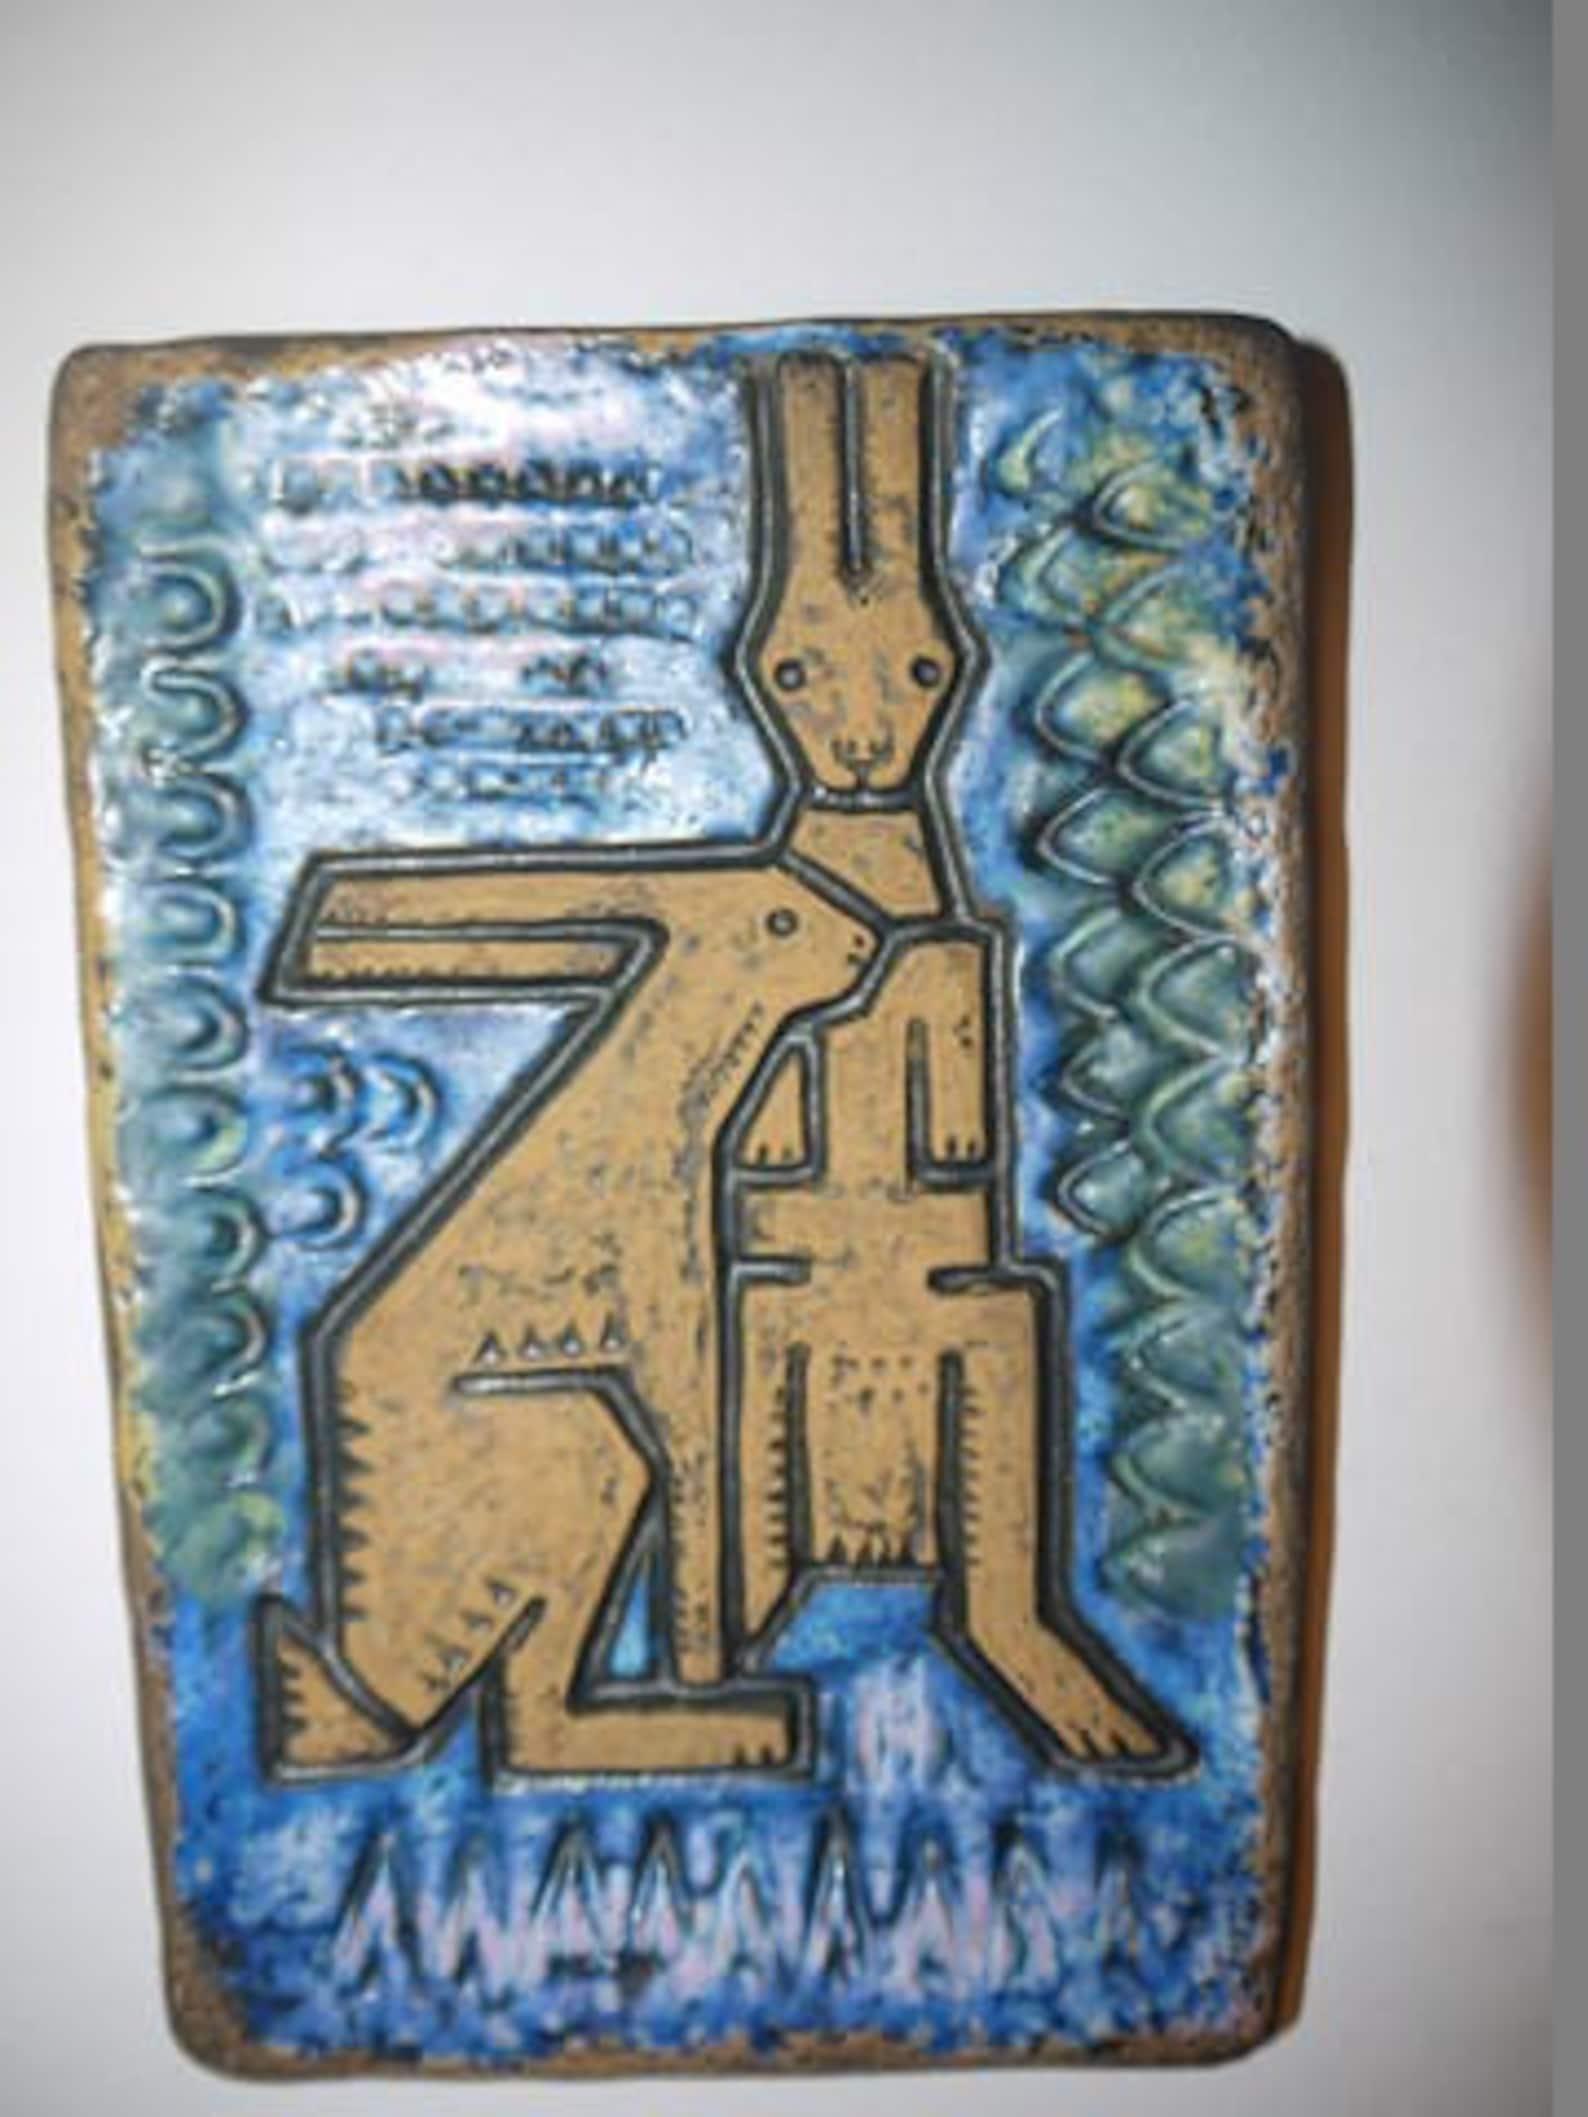 Wall Plate Norrman Motala Ceramic Kangeroo Sweden Etsy